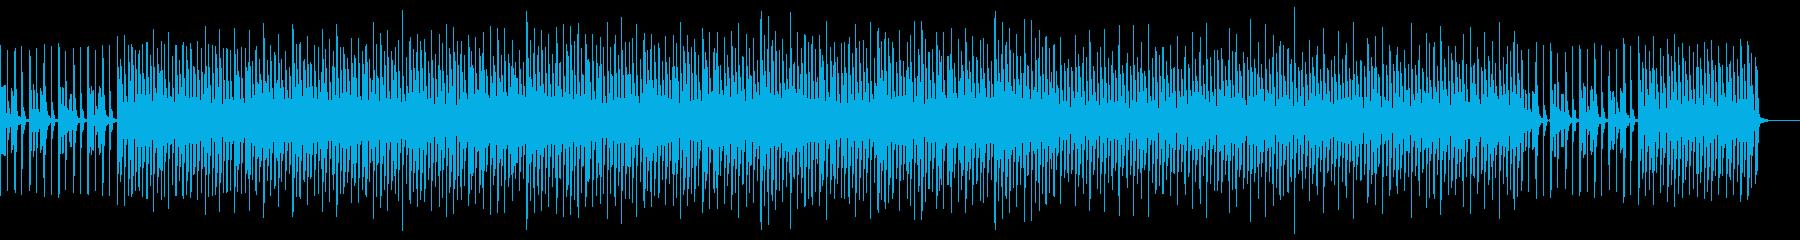 口笛・キャンプ・アウトドア・明るいの再生済みの波形